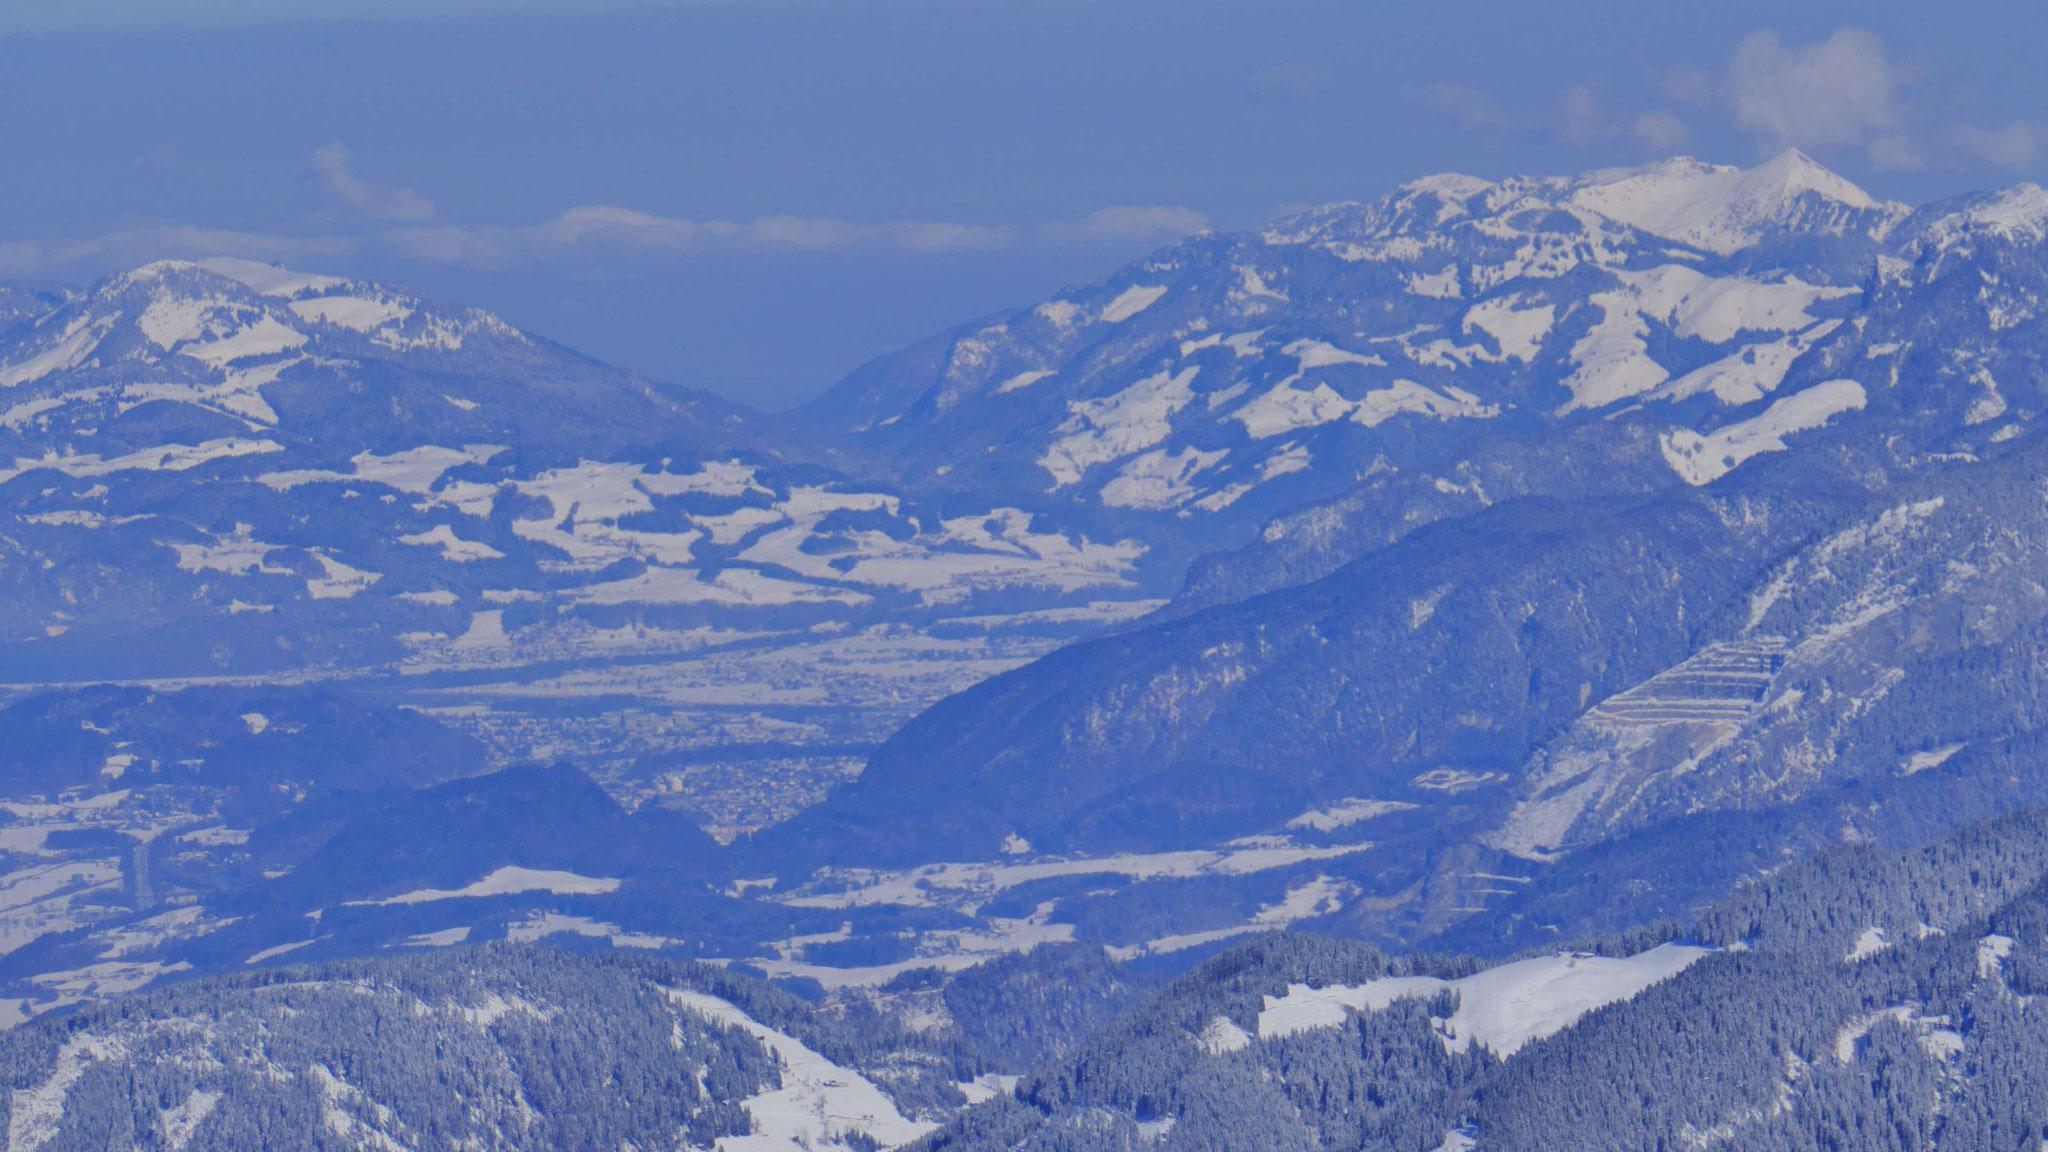 Kufstein, dahinter Chiemgauer Alpen